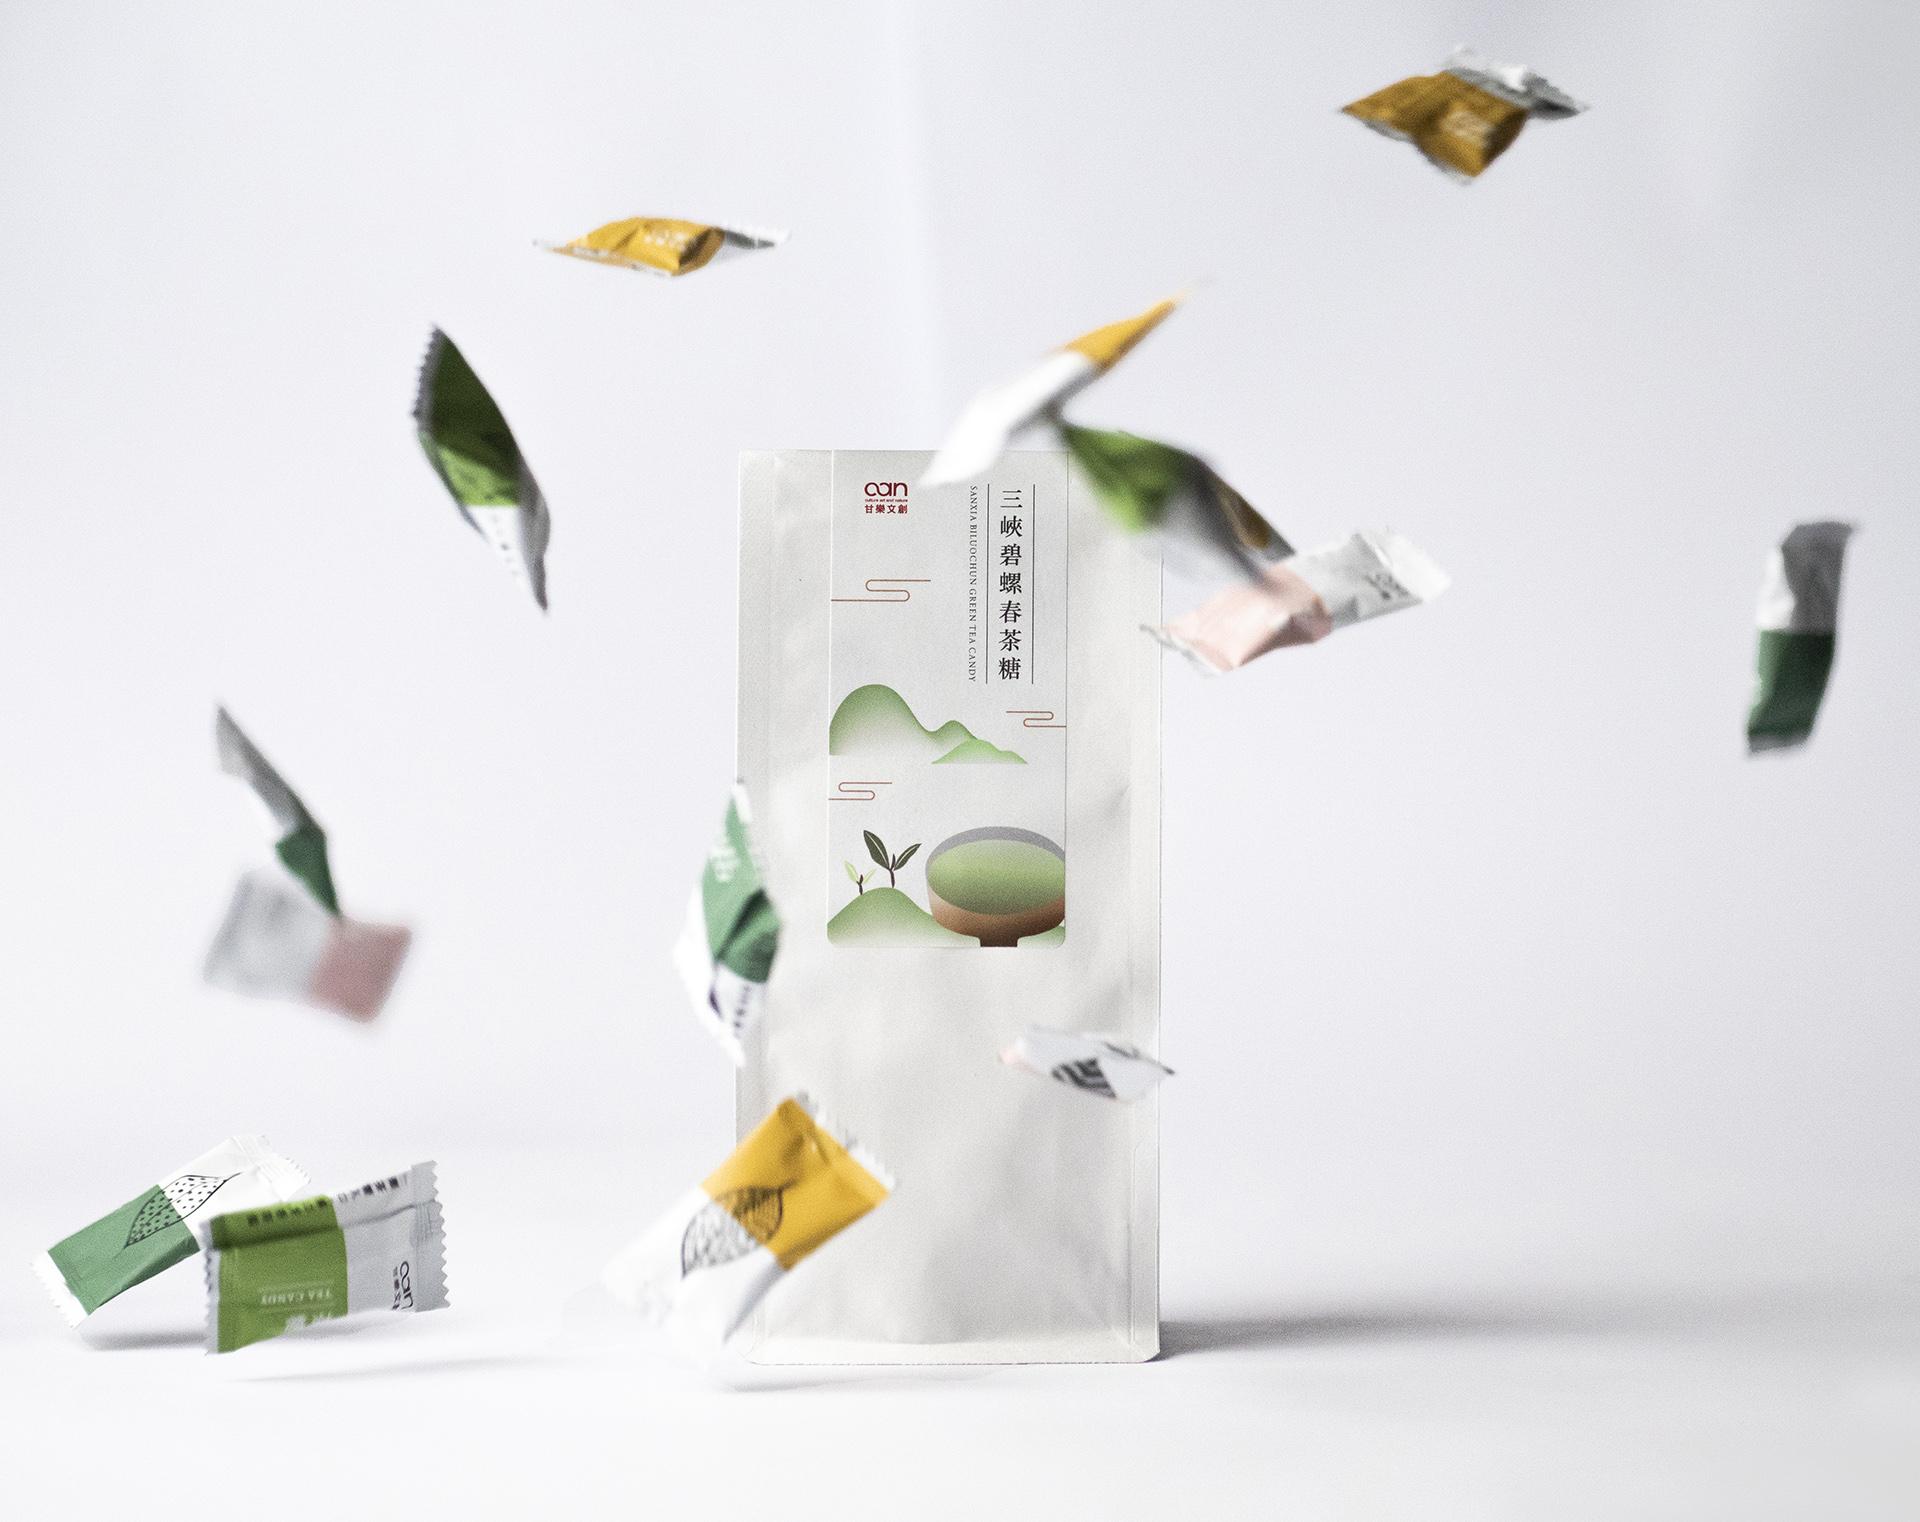 佳節送禮的時刻,禮盒準備好了嗎?這邊幫您統整好年節送禮懶人包,不論是年節企業送禮、公司禮品採購或是送給家人朋友都是一個好選擇,甘樂文創提供七種不同設計風格以及健康養生的禮盒,絕對是您送給客戶與員工的首選!有嚴選「小草書屋職研烘焙坊」用心烘焙,傳遞給您一份療癒且充滿溫度的手作點心,以及禾乃川國產豆製所的健康豆製品。 | 改變生命的豆漿店